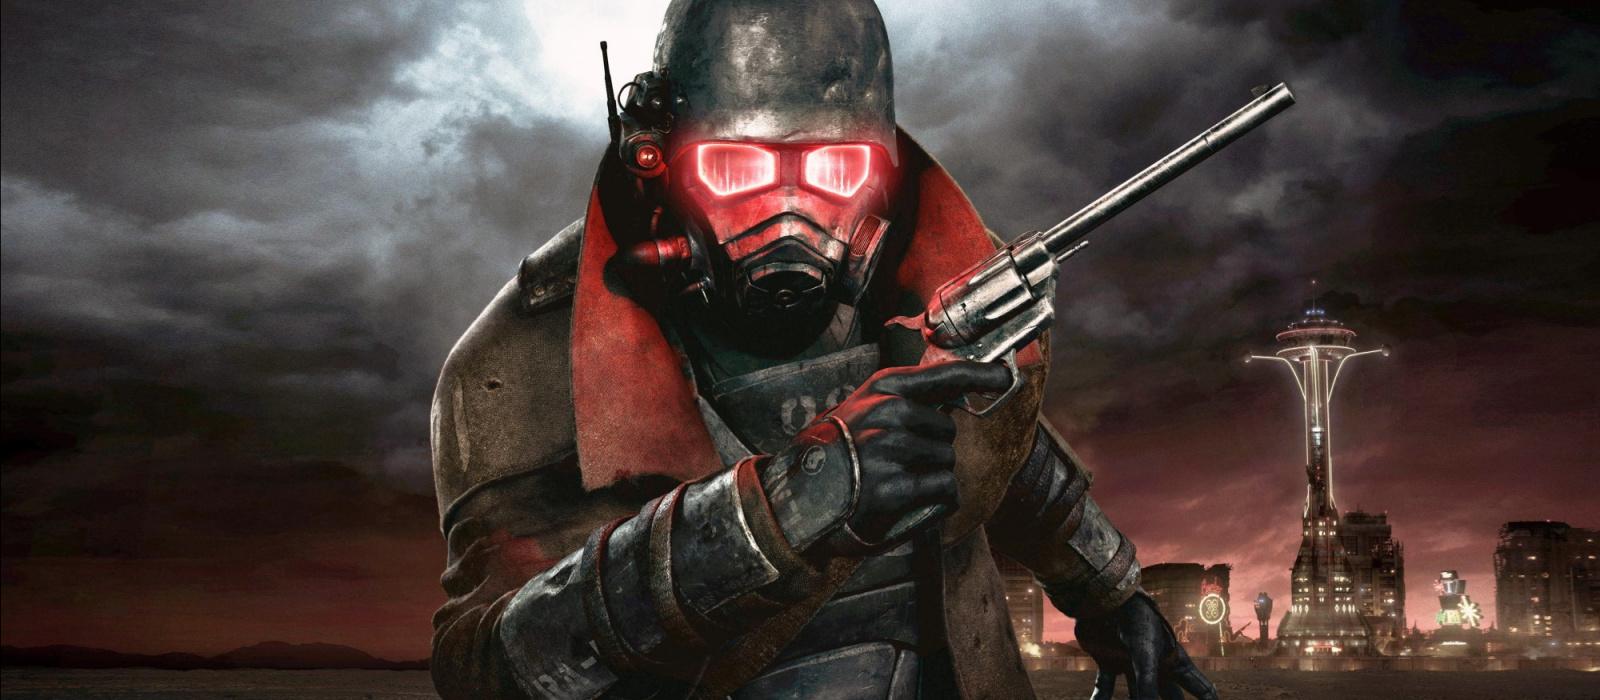 Preise ab 89 Rubel – Steam startete einen Verkauf der Kult-RPG-Serie über die Post-Apokalypse